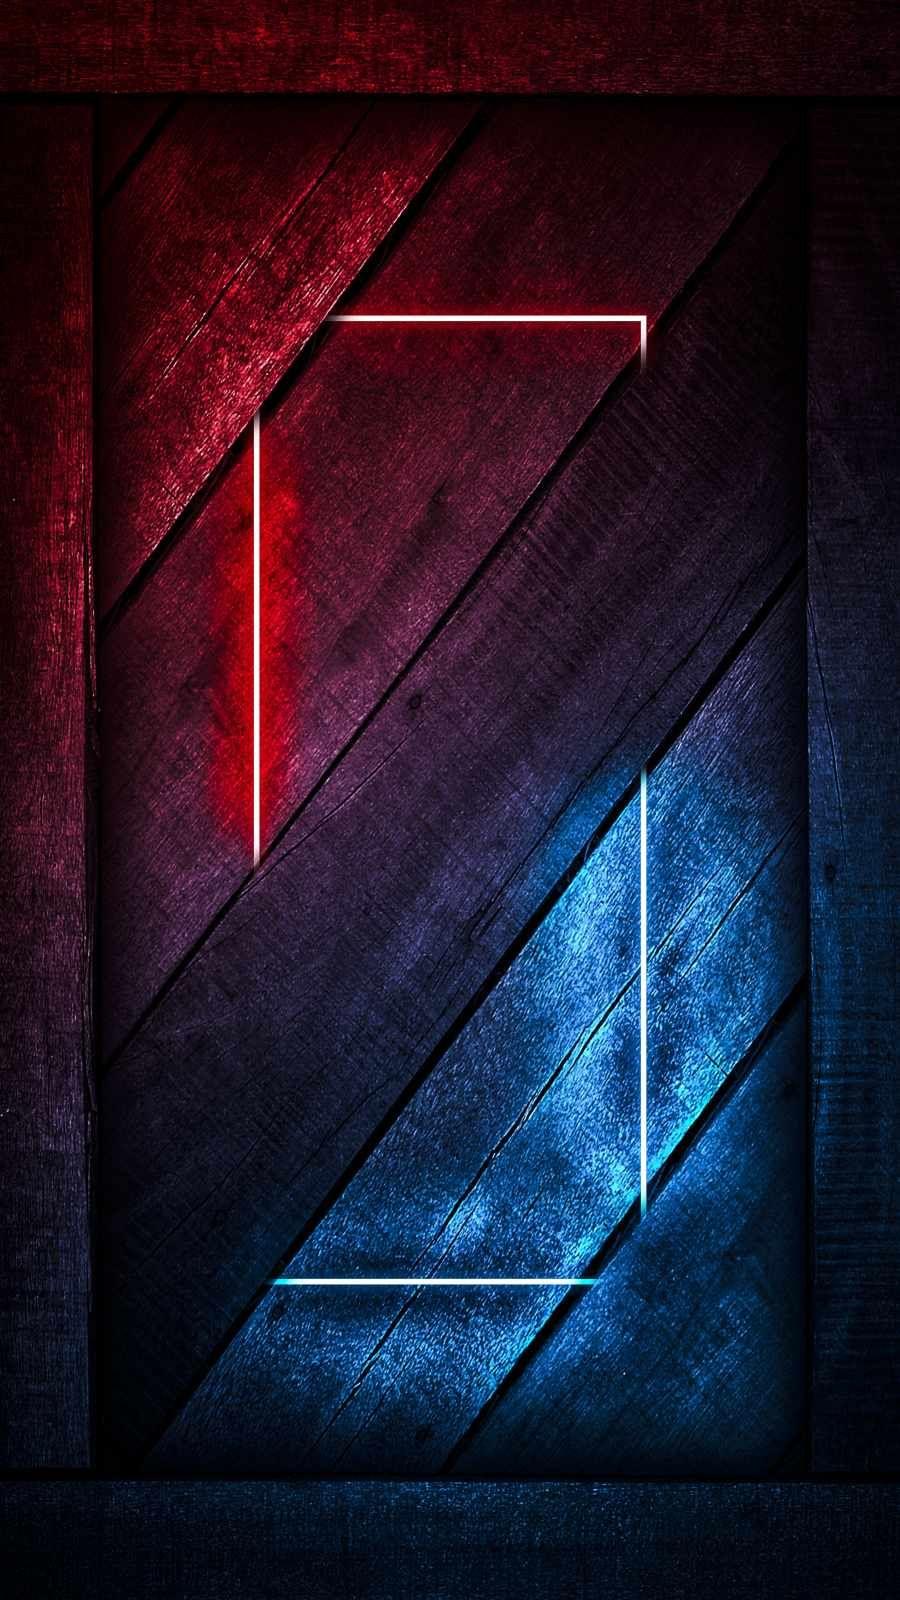 Dark 3D iPhone Wallpaper - iPhone Wallpapers